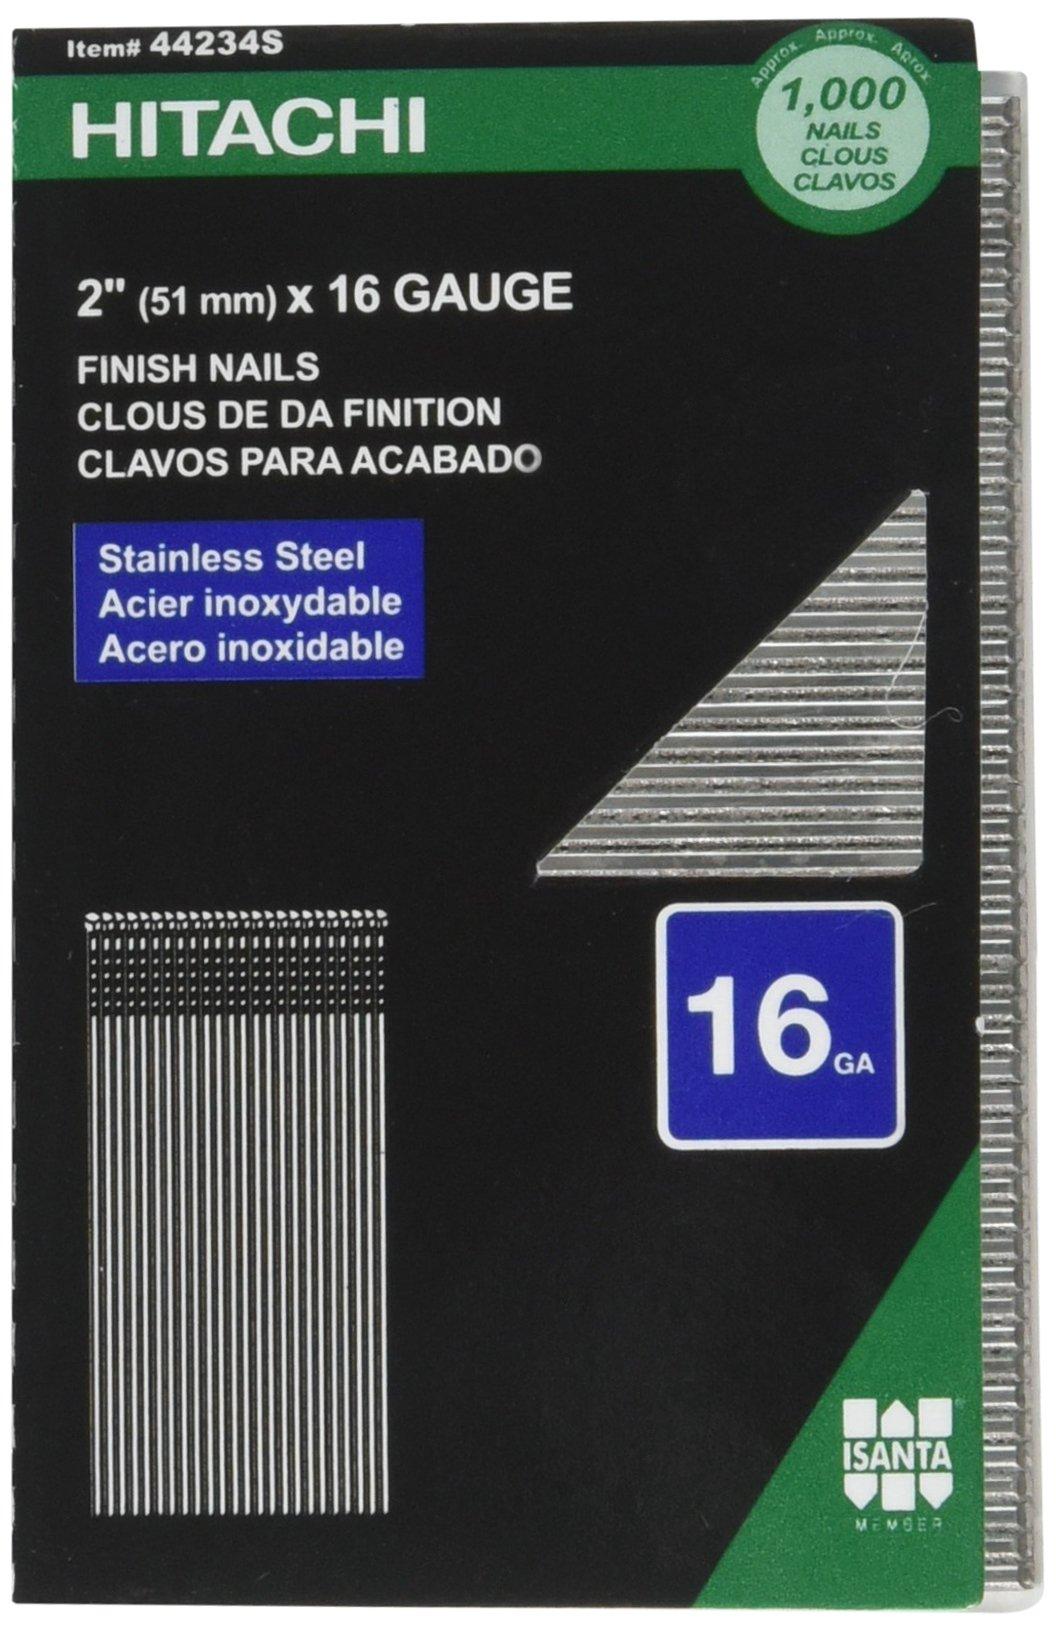 Hitachi 44234S Hitachi 44234S 1M 2 In 16 GA SS Finish Nail,